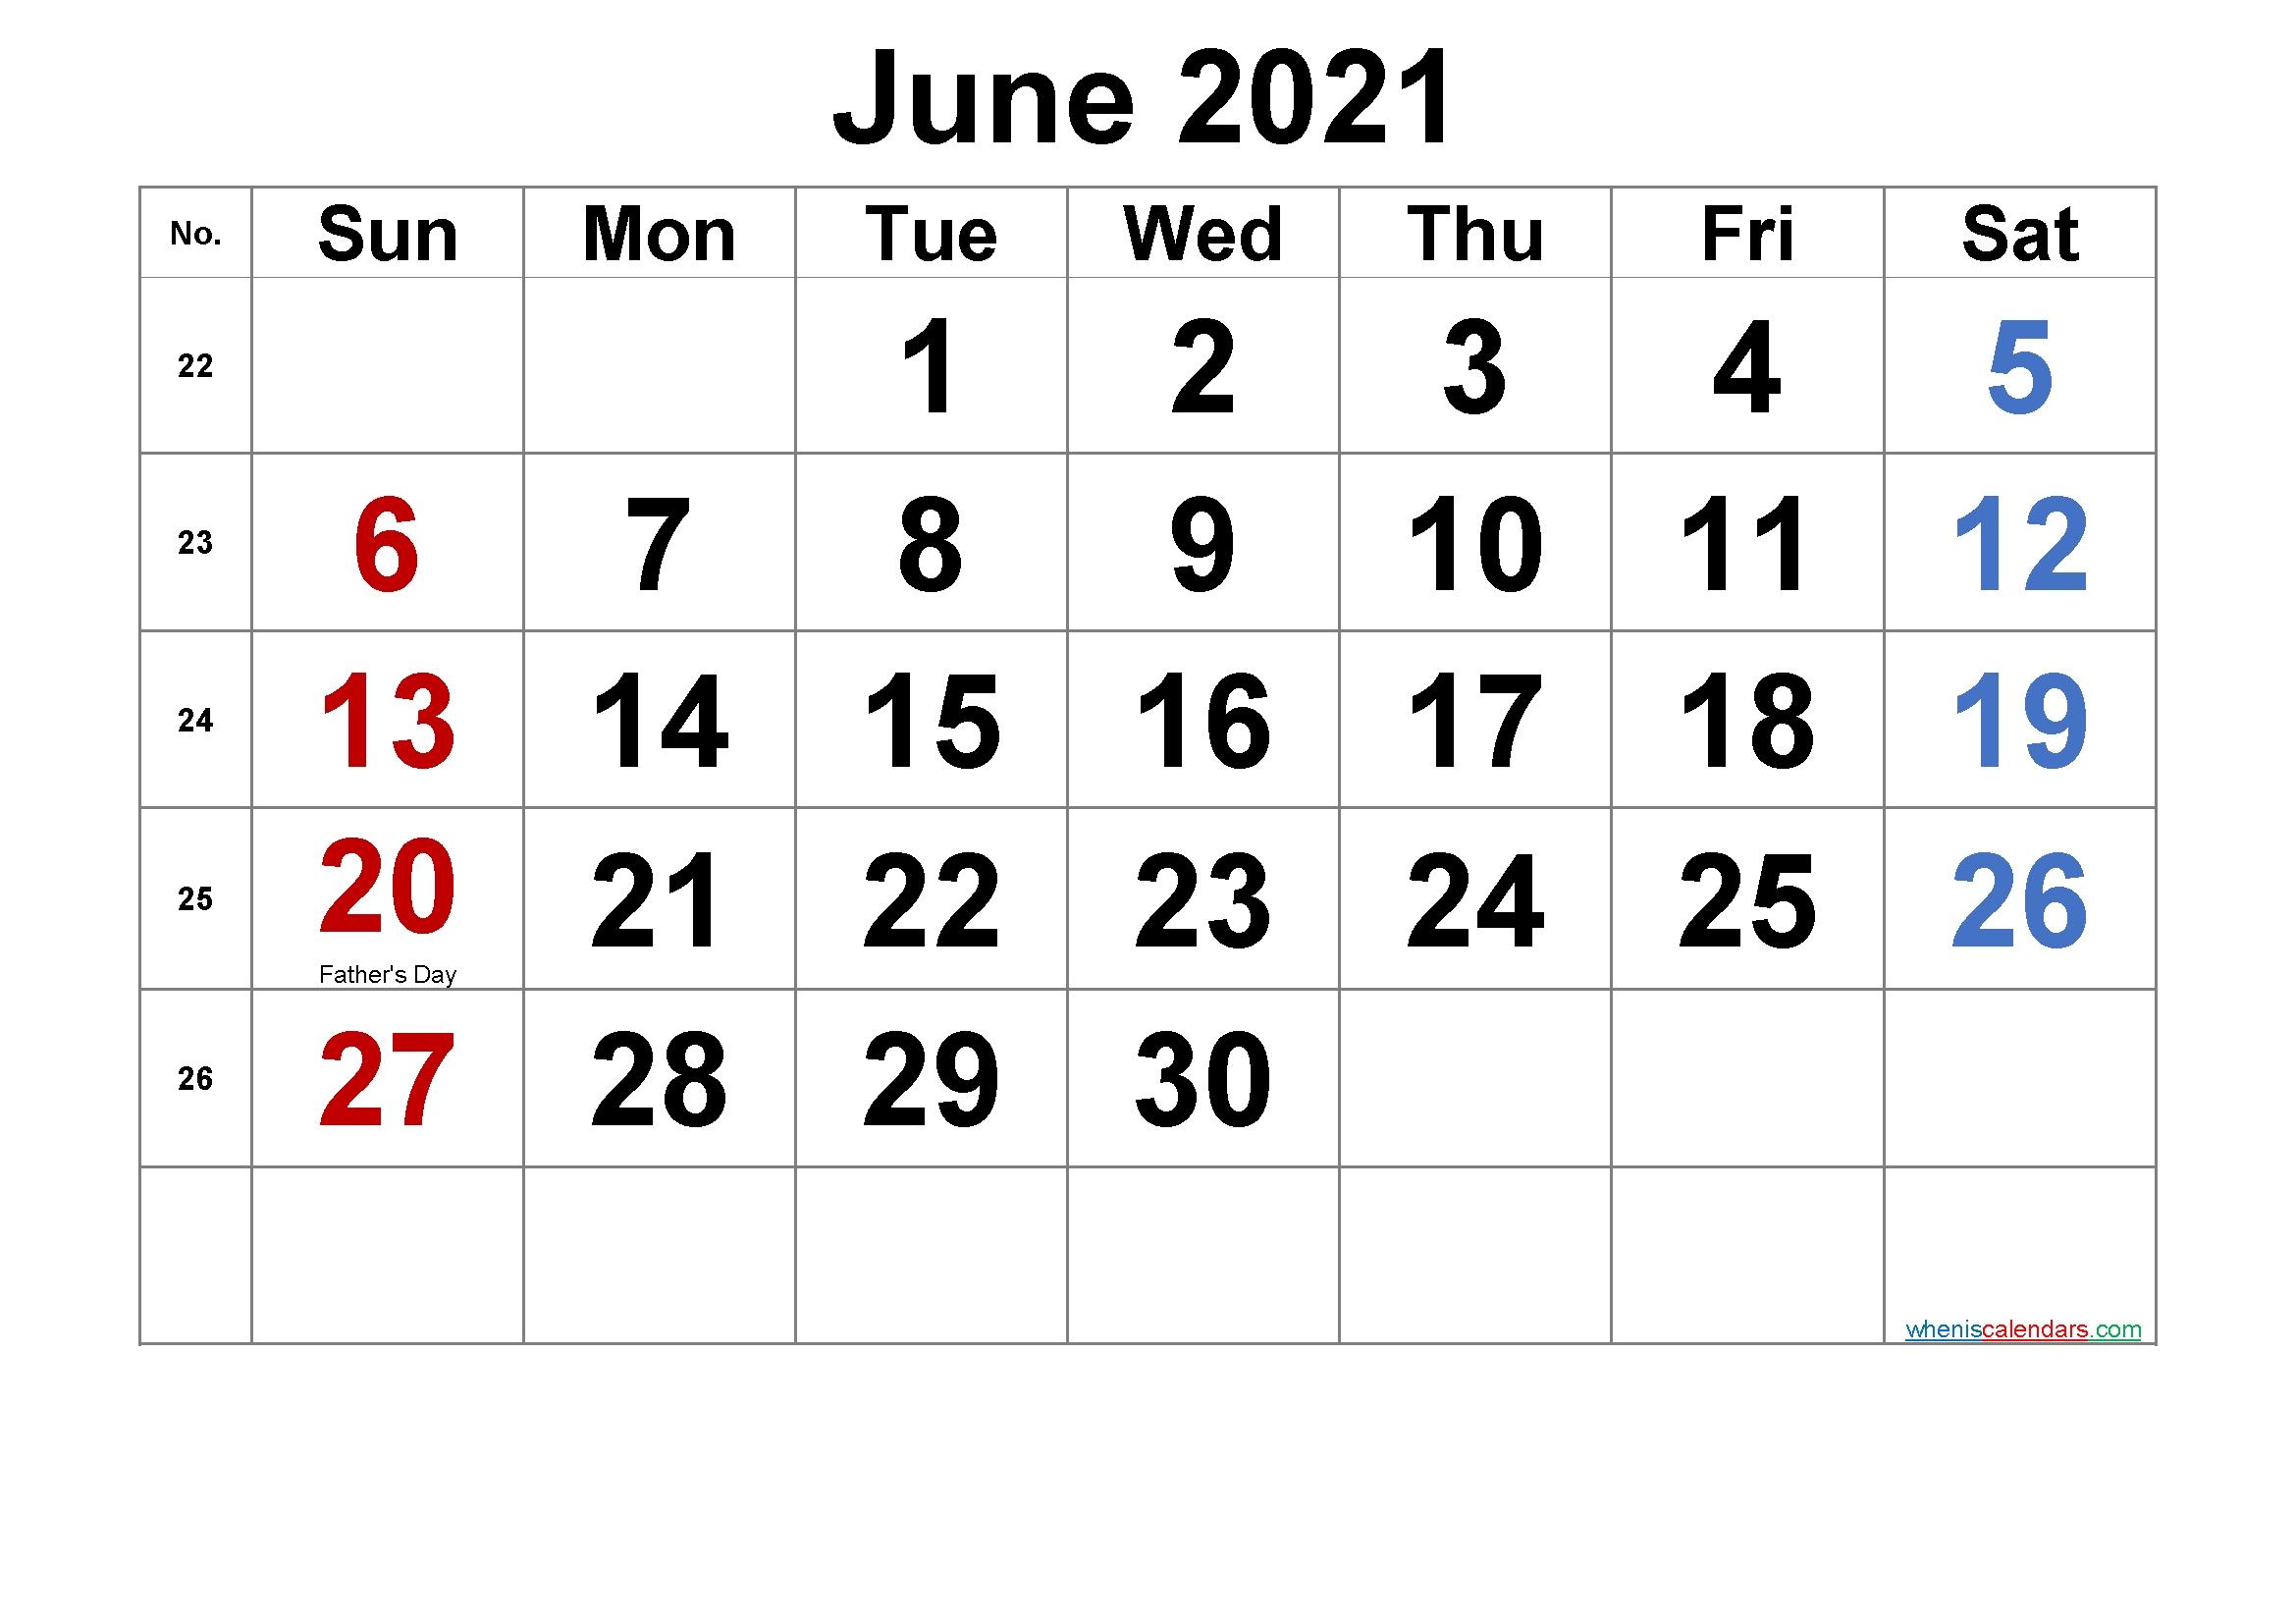 Free Printable June 2021 Calendar In 2020 | Calendar